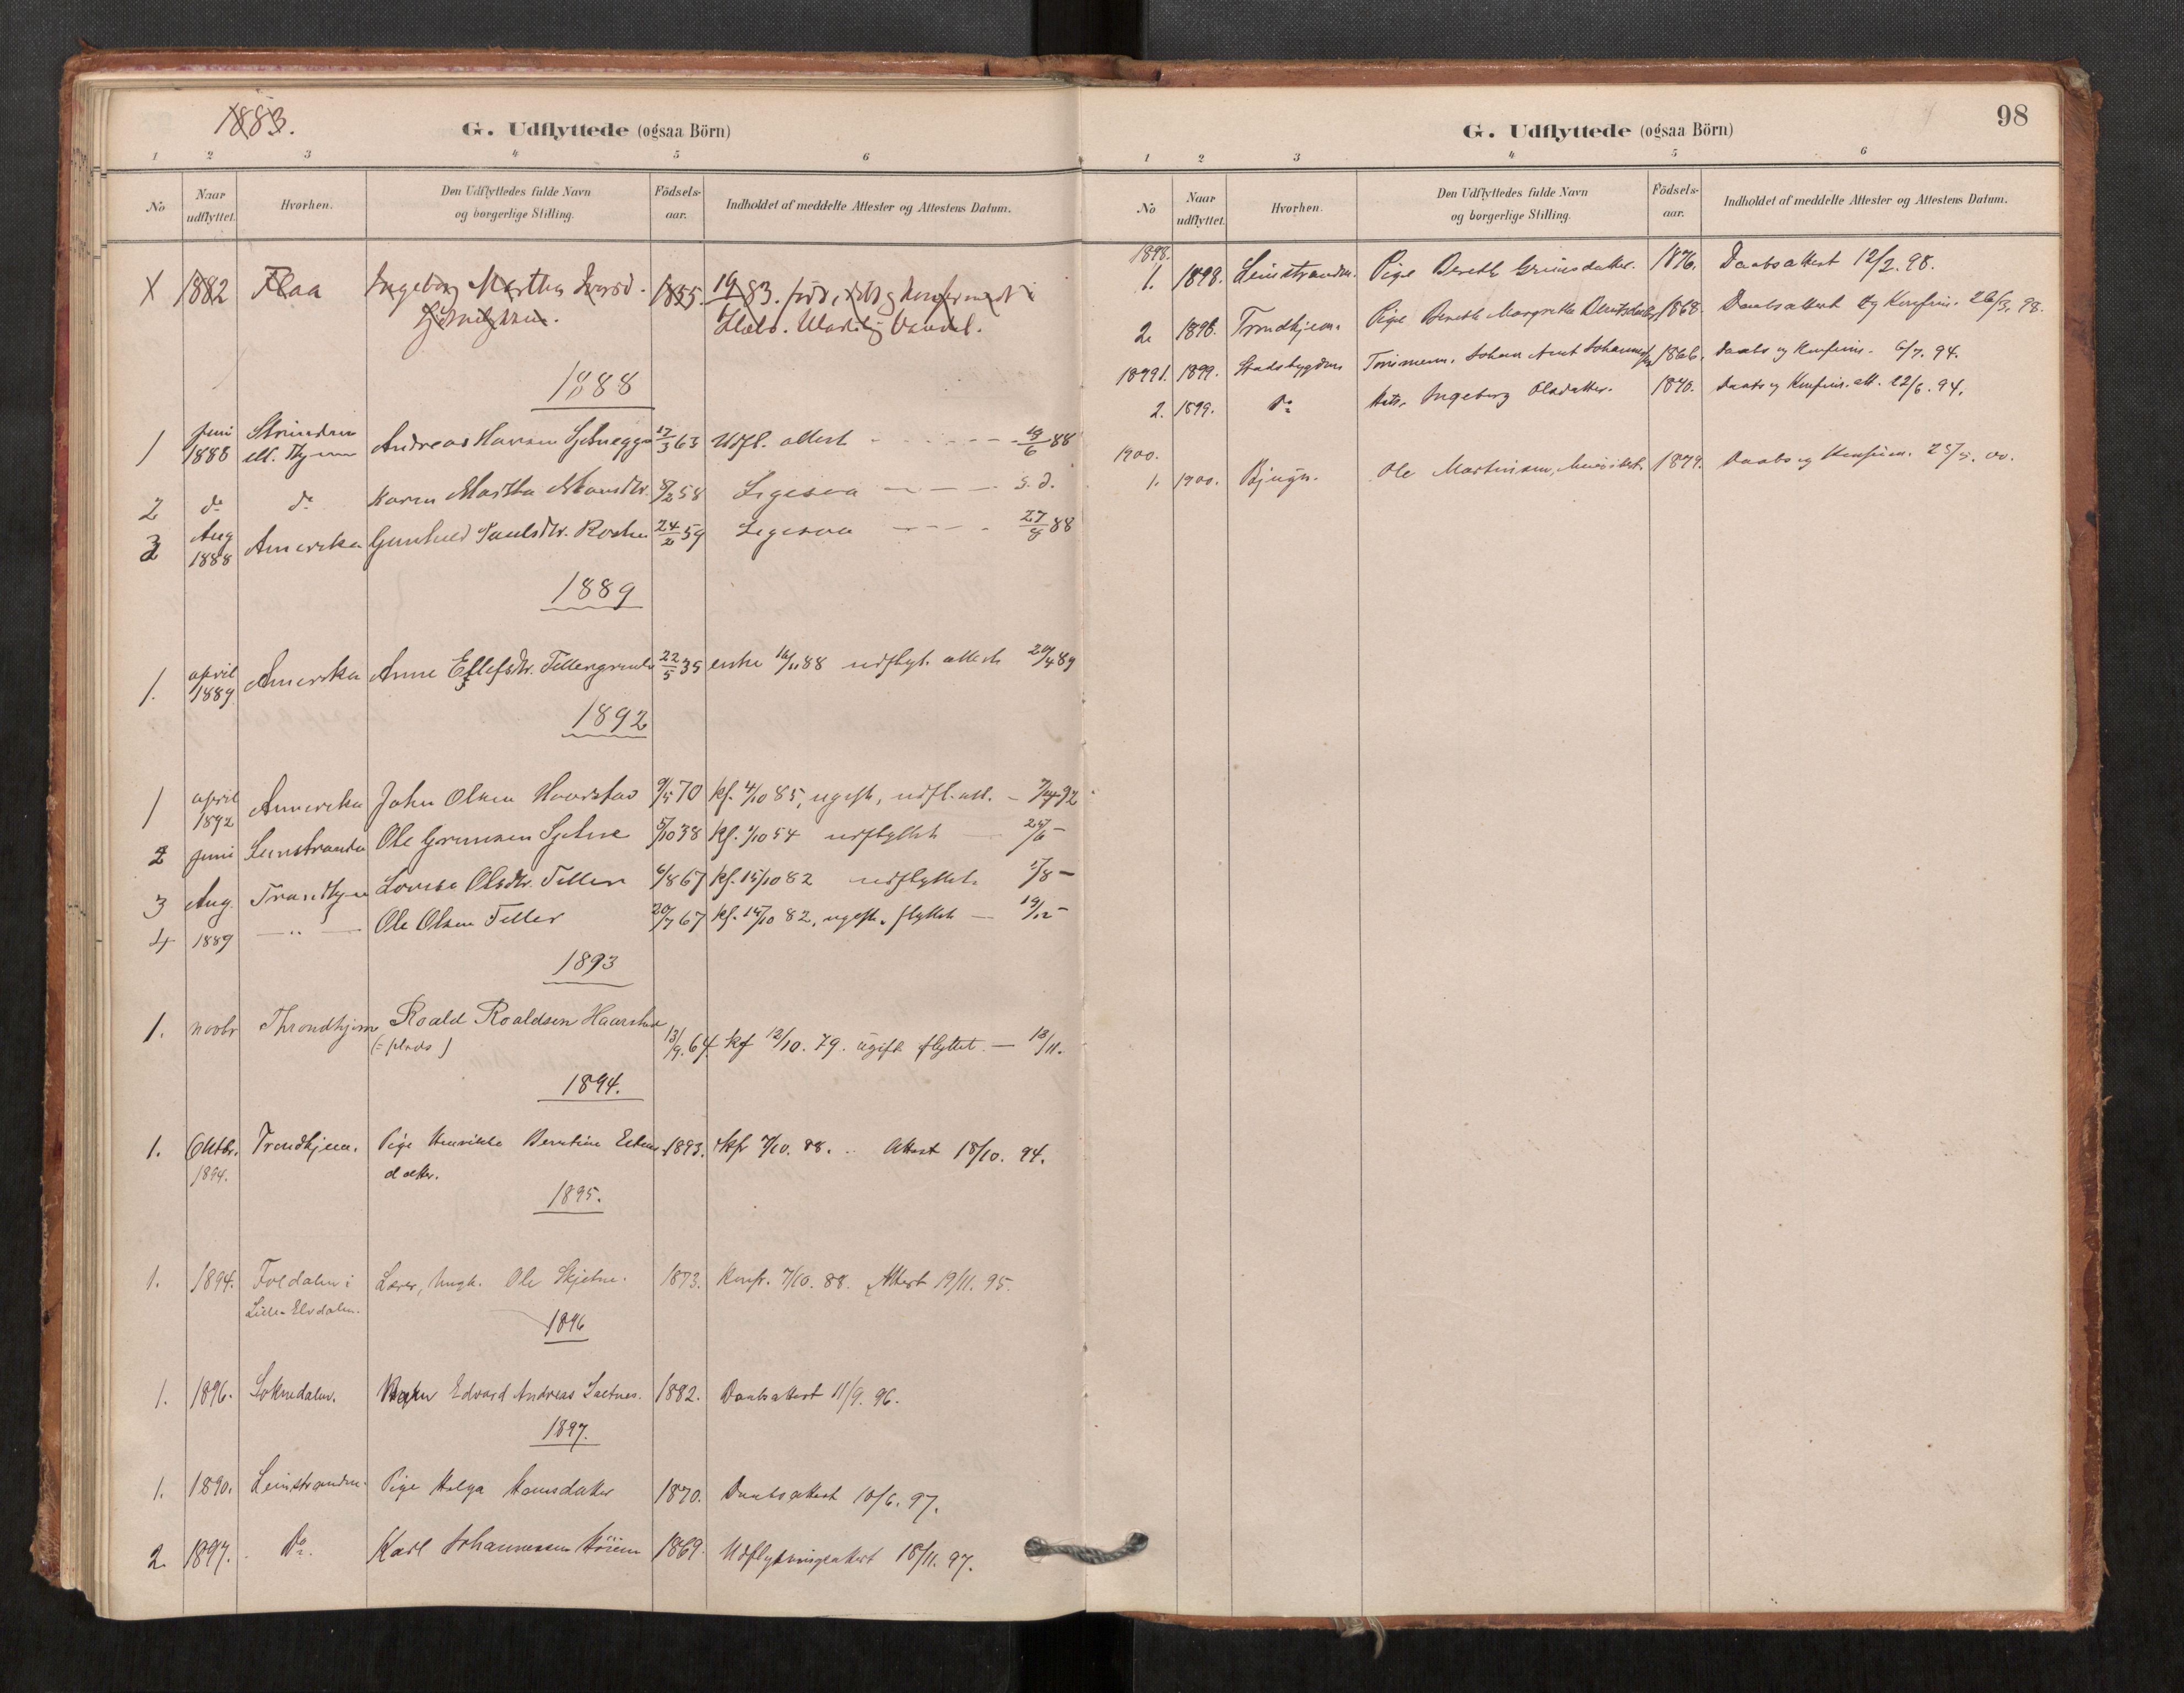 SAT, Klæbu sokneprestkontor, Parish register (official) no. 1, 1880-1900, p. 98